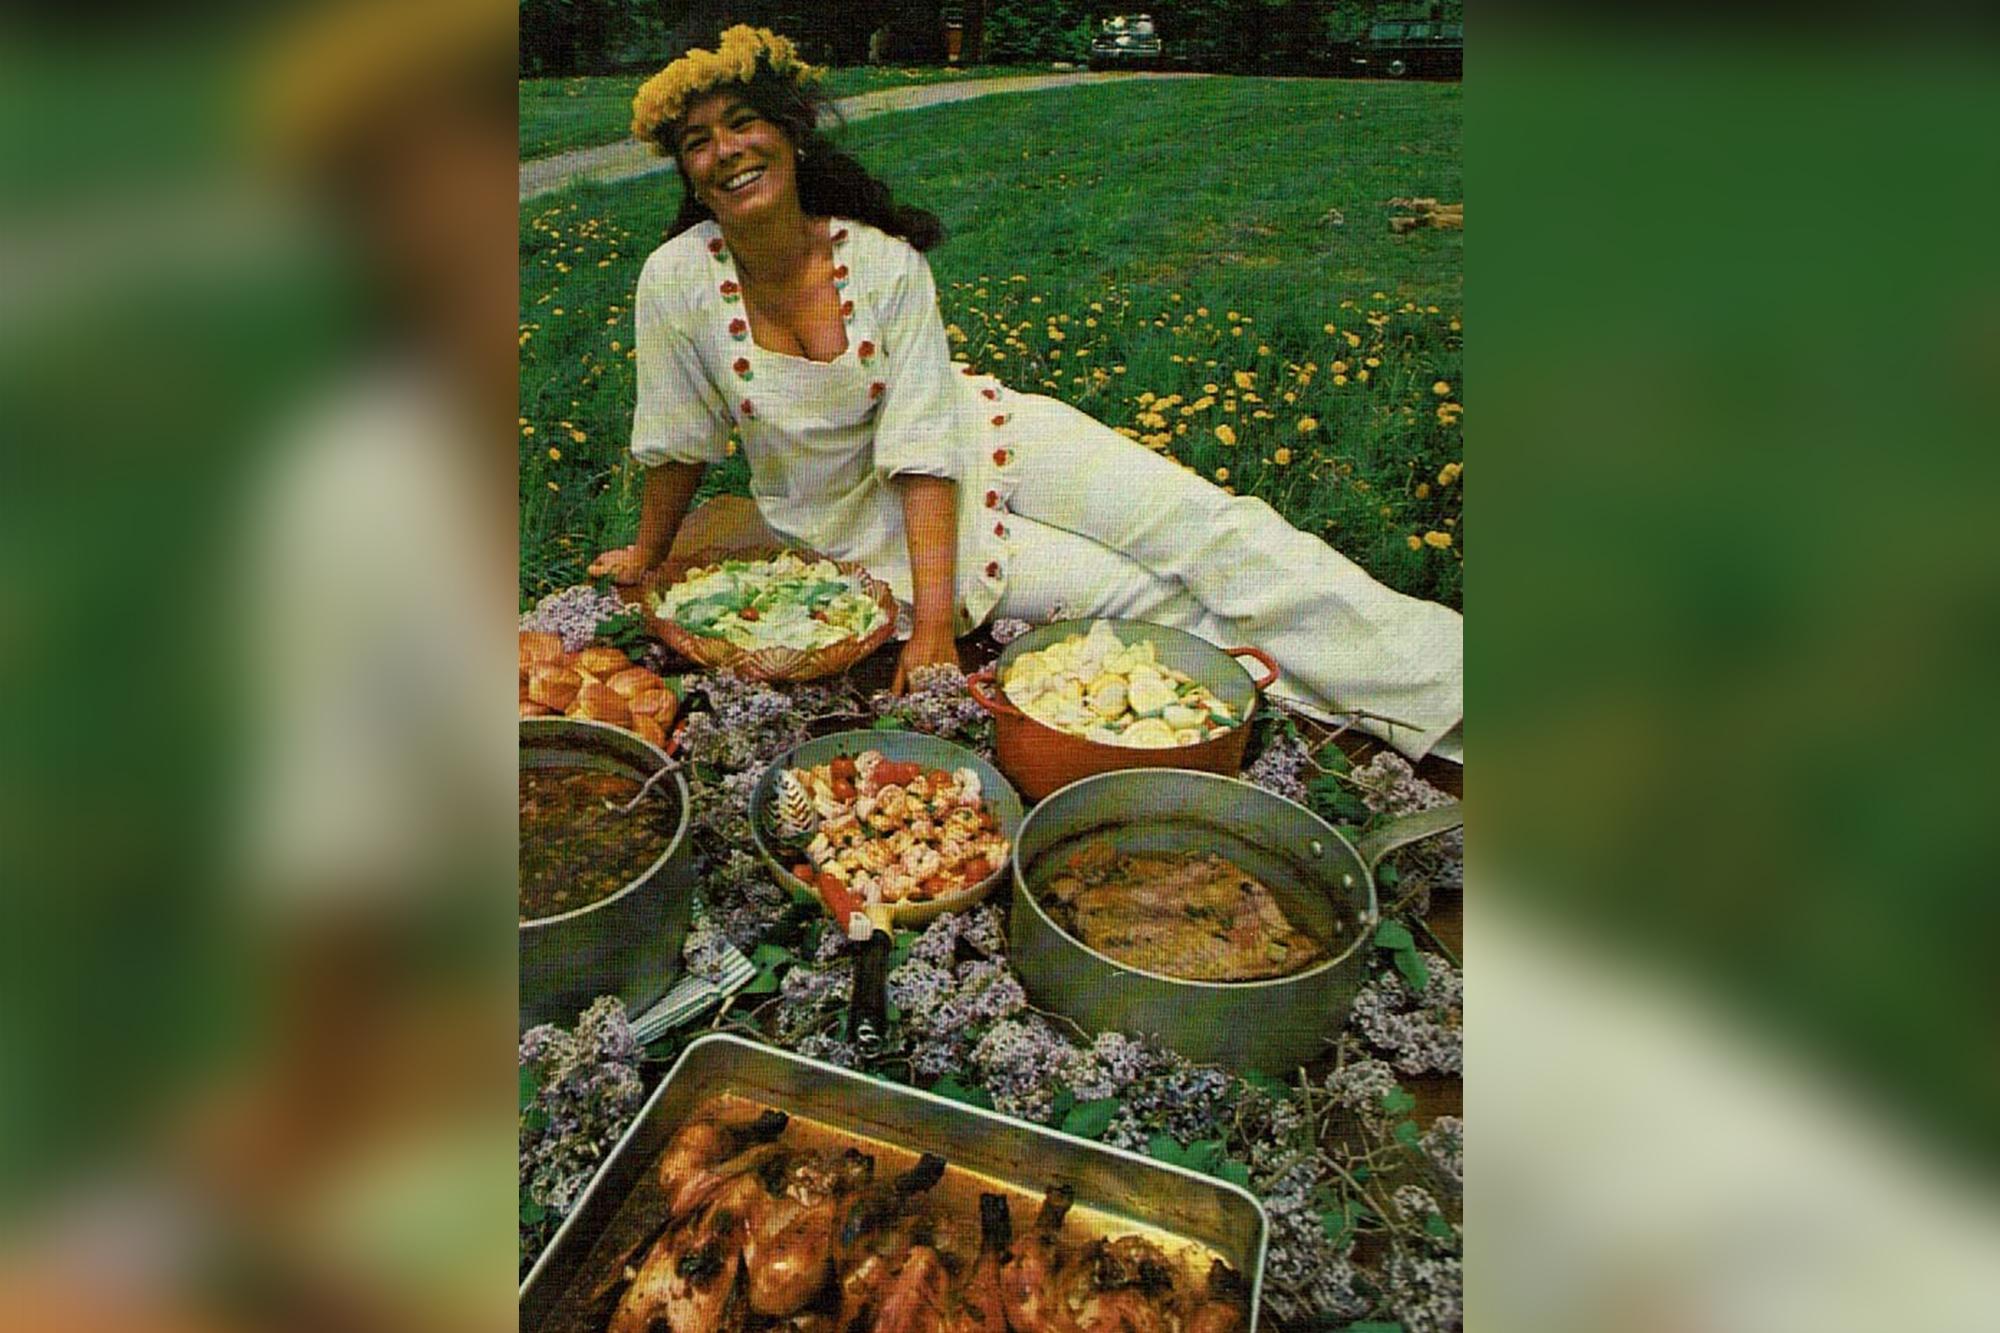 0K raised for namesake of Arlo Guthrie's 'Alice's Restaurant'